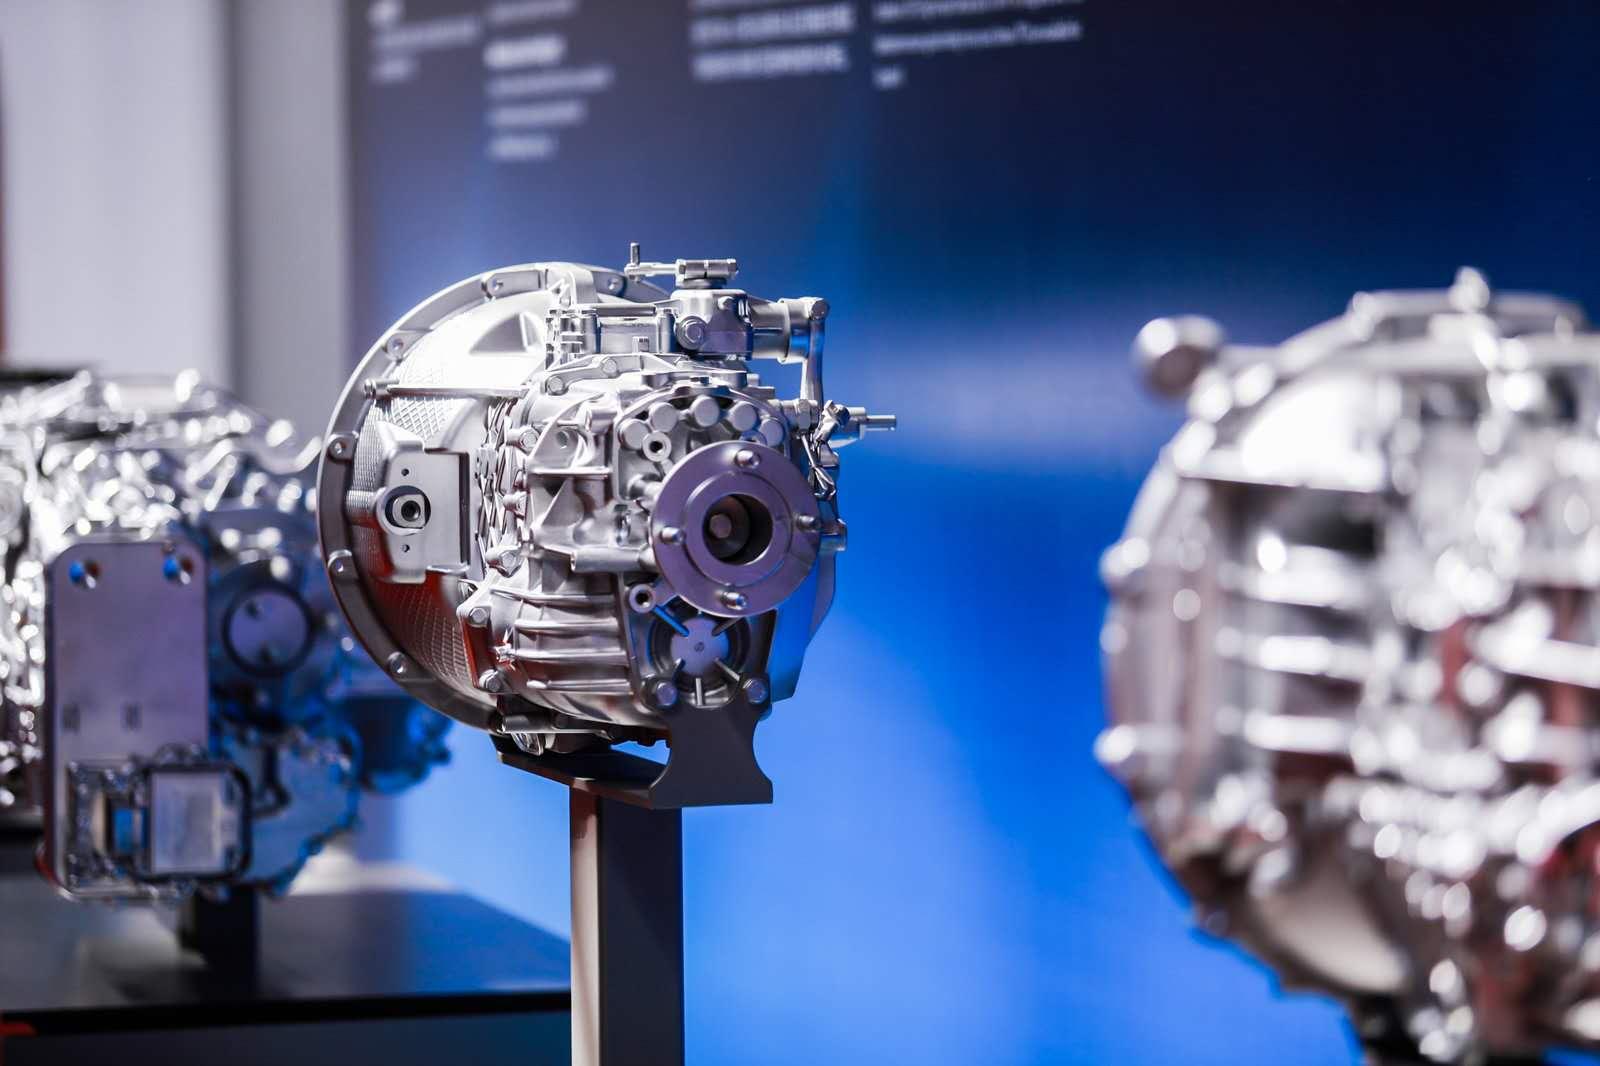 """2019年4月,跨国零部件企业采埃孚(ZF)在华发布了节省能耗的商用车变速箱""""TraXon""""品牌。"""